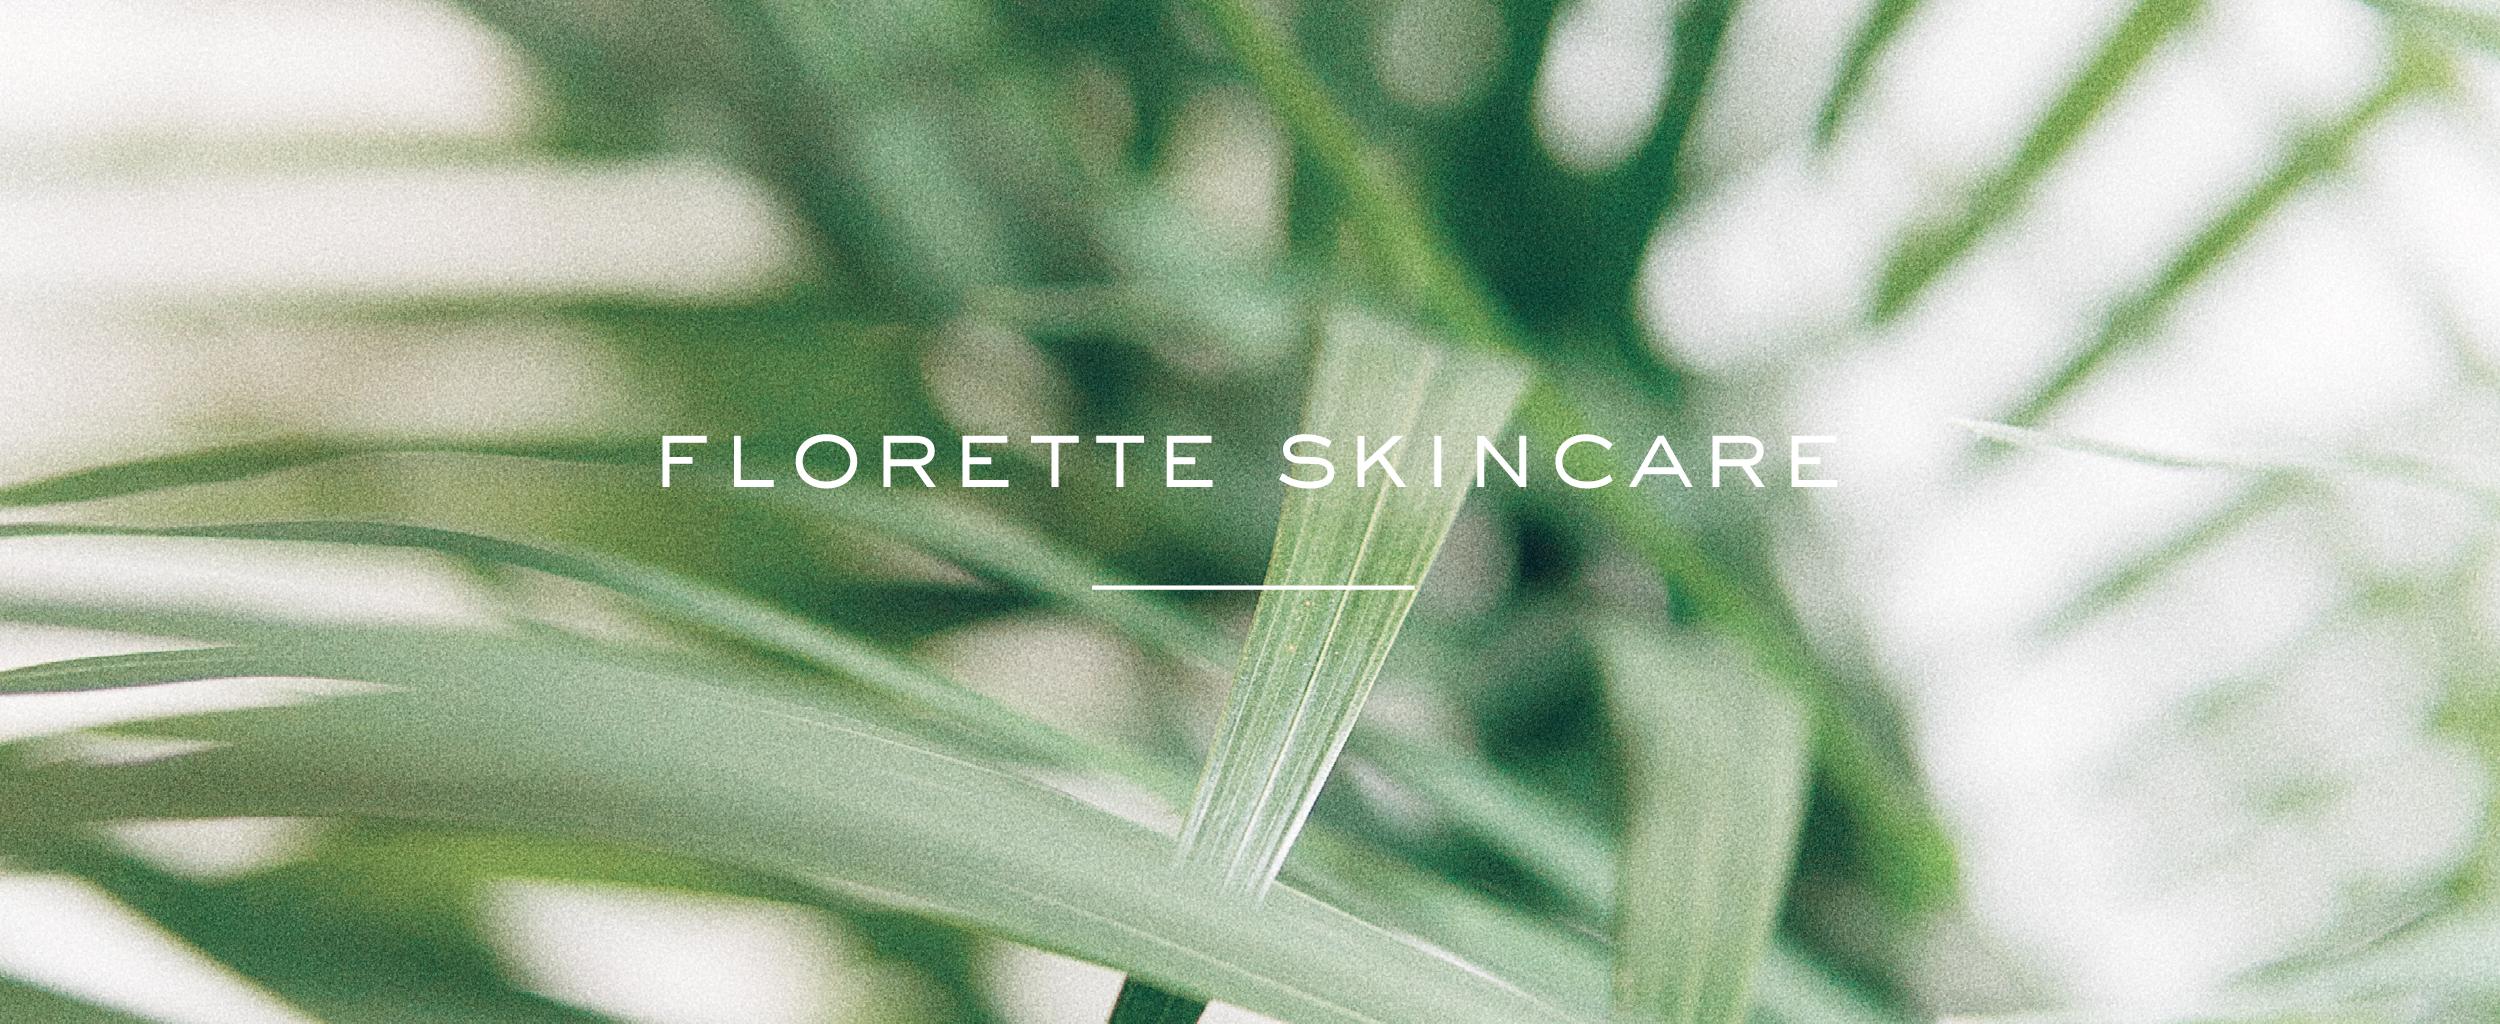 Florette_Skincare5.png